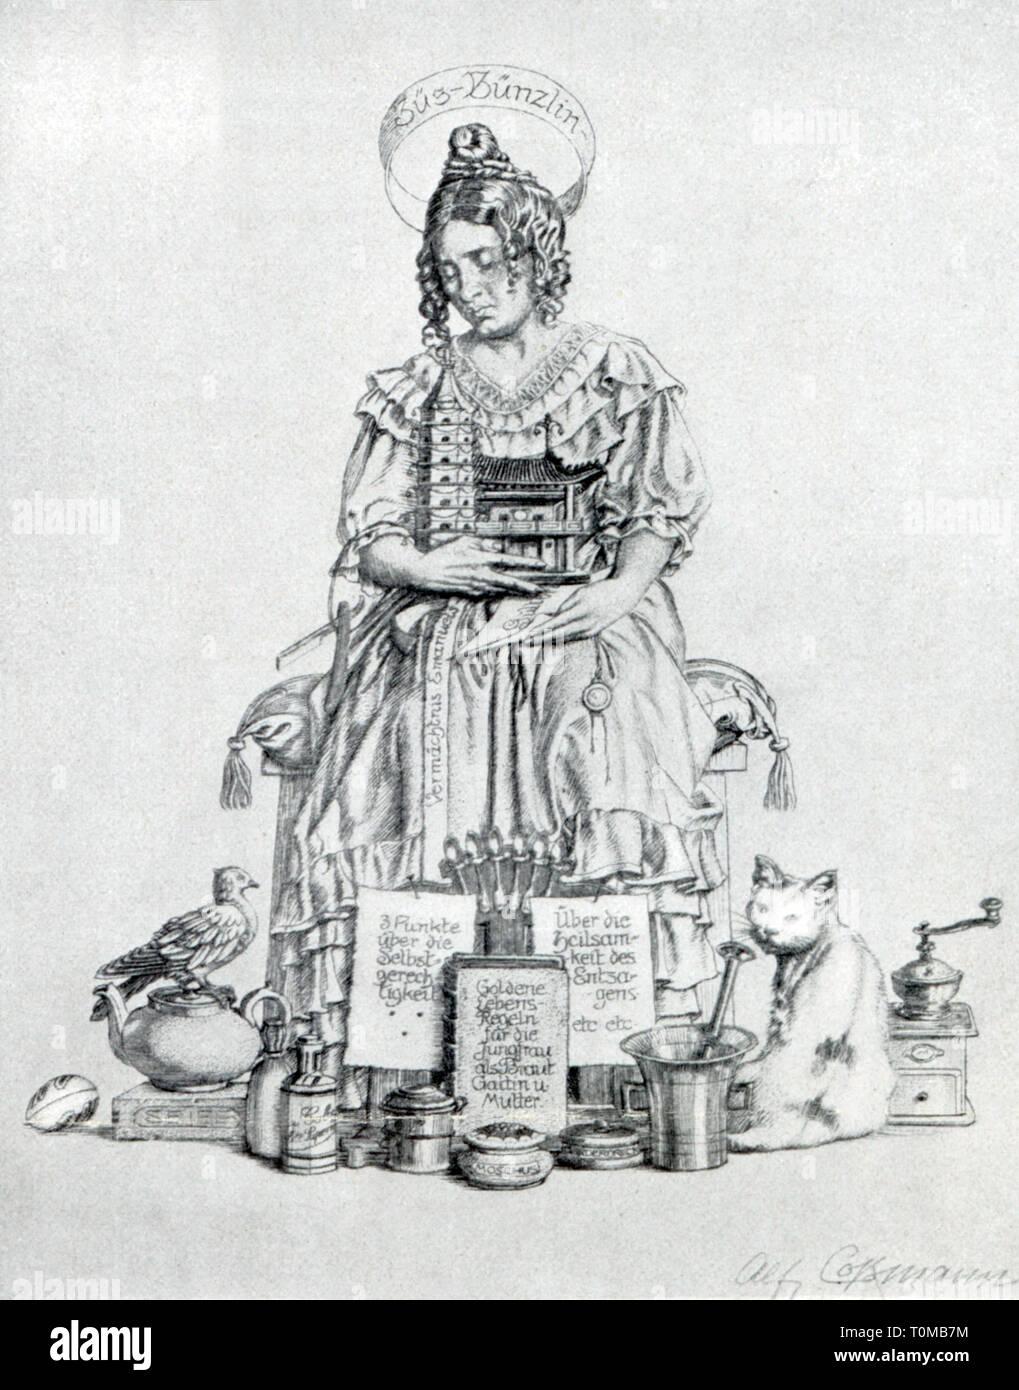 """Literatur, Illustrationen, 'Jungfer Züs-Bünzlin"""", Radierung von Alfred Cossmann (1870 - 1951), Aus: Gottfried Keller (1857 - 1890), 'Die drei gerechten Kammacher"""", Wien, 1915, Additional-Rights - Clearance-Info - Not-Available Stockbild"""